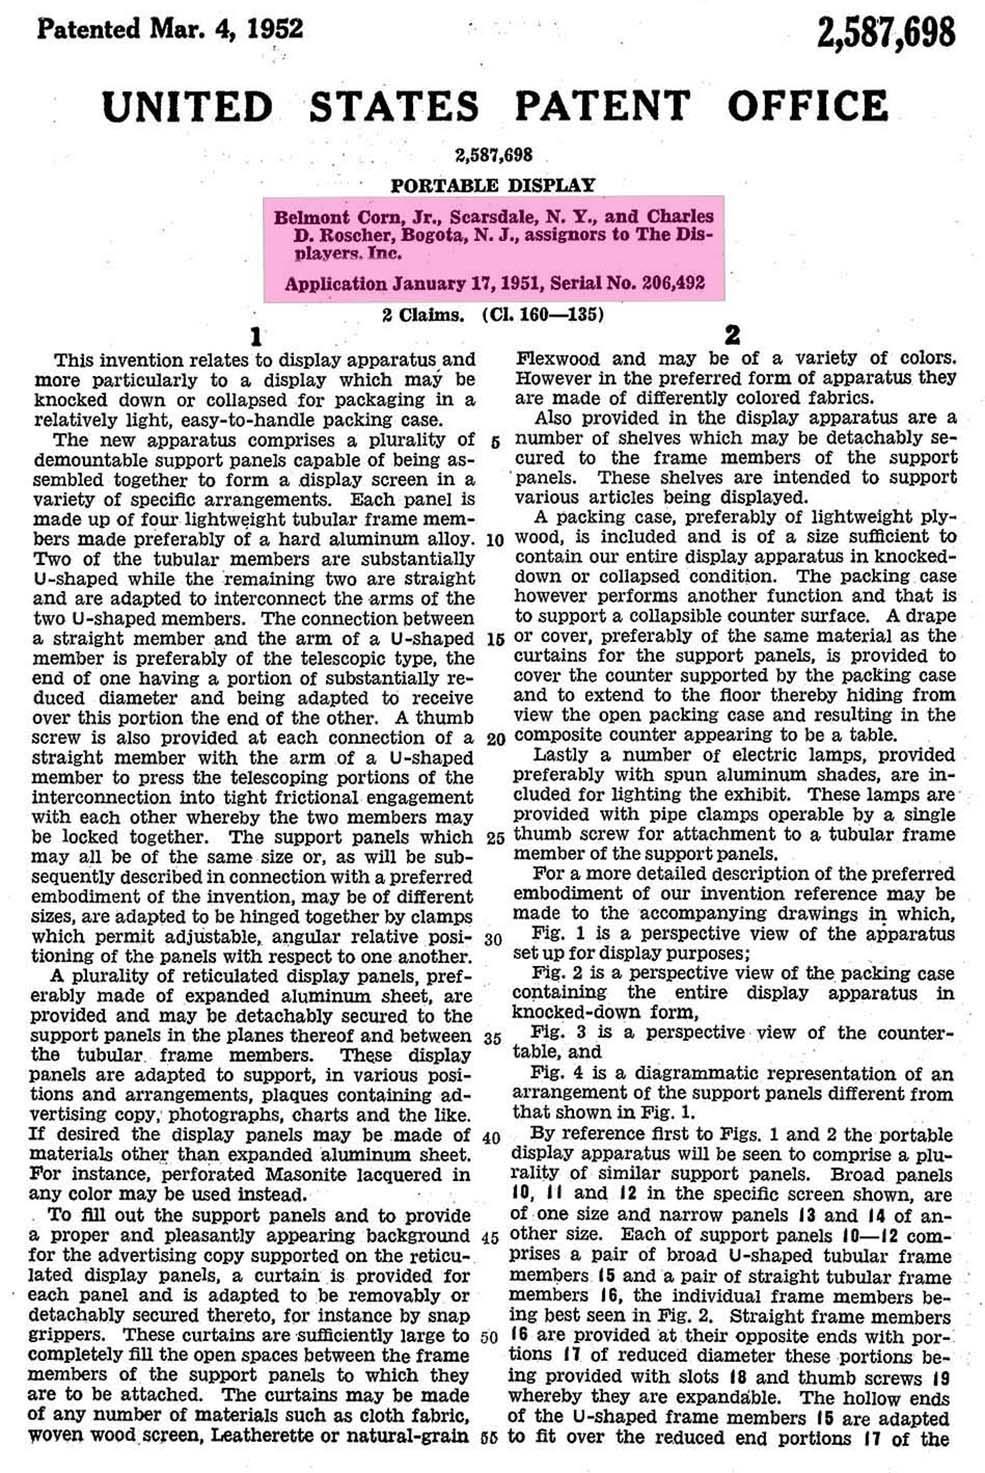 US2587698.pdf